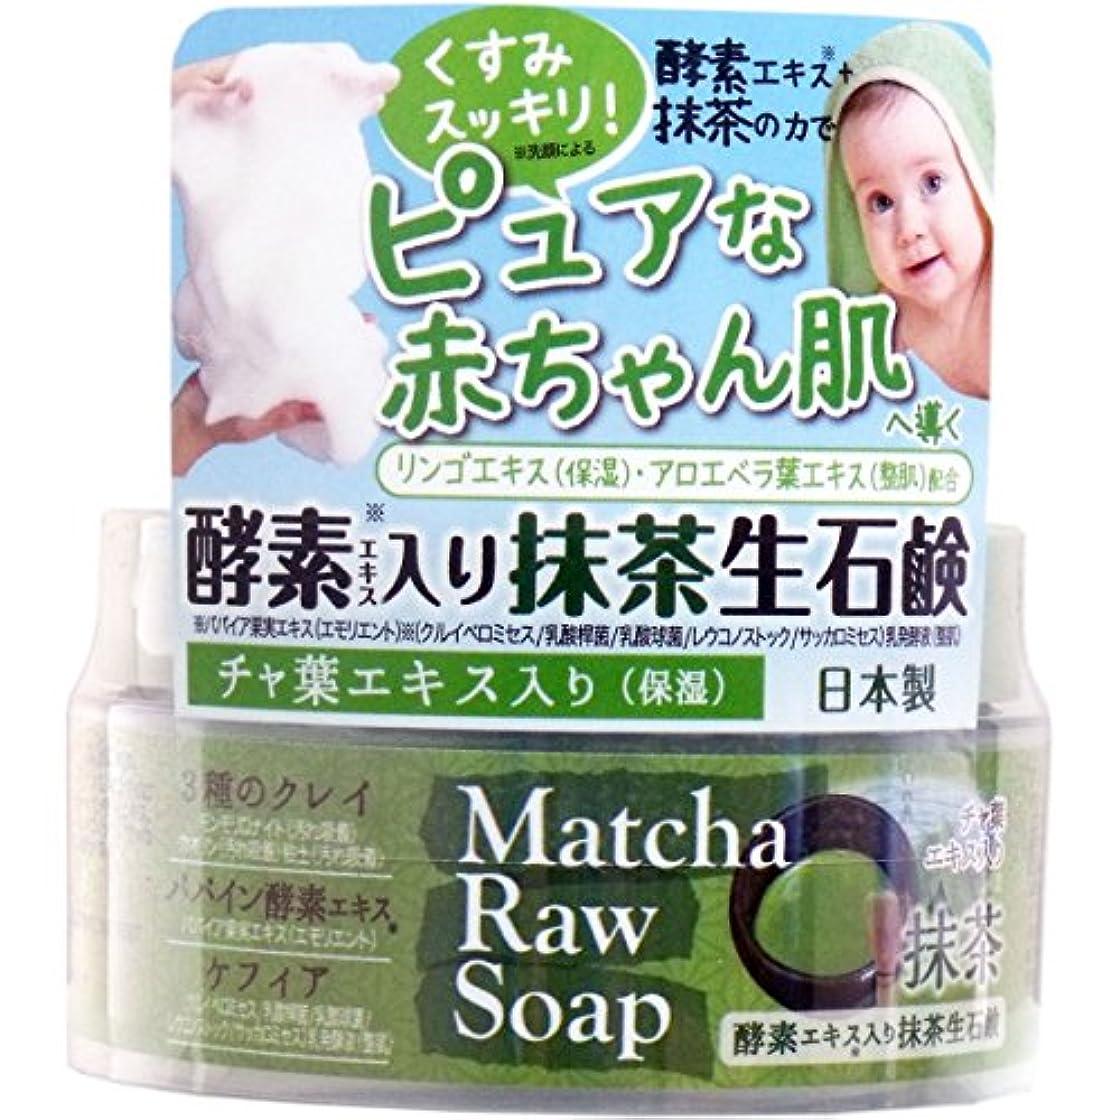 避けられないお金ペック酵素エキス入り抹茶生石鹸